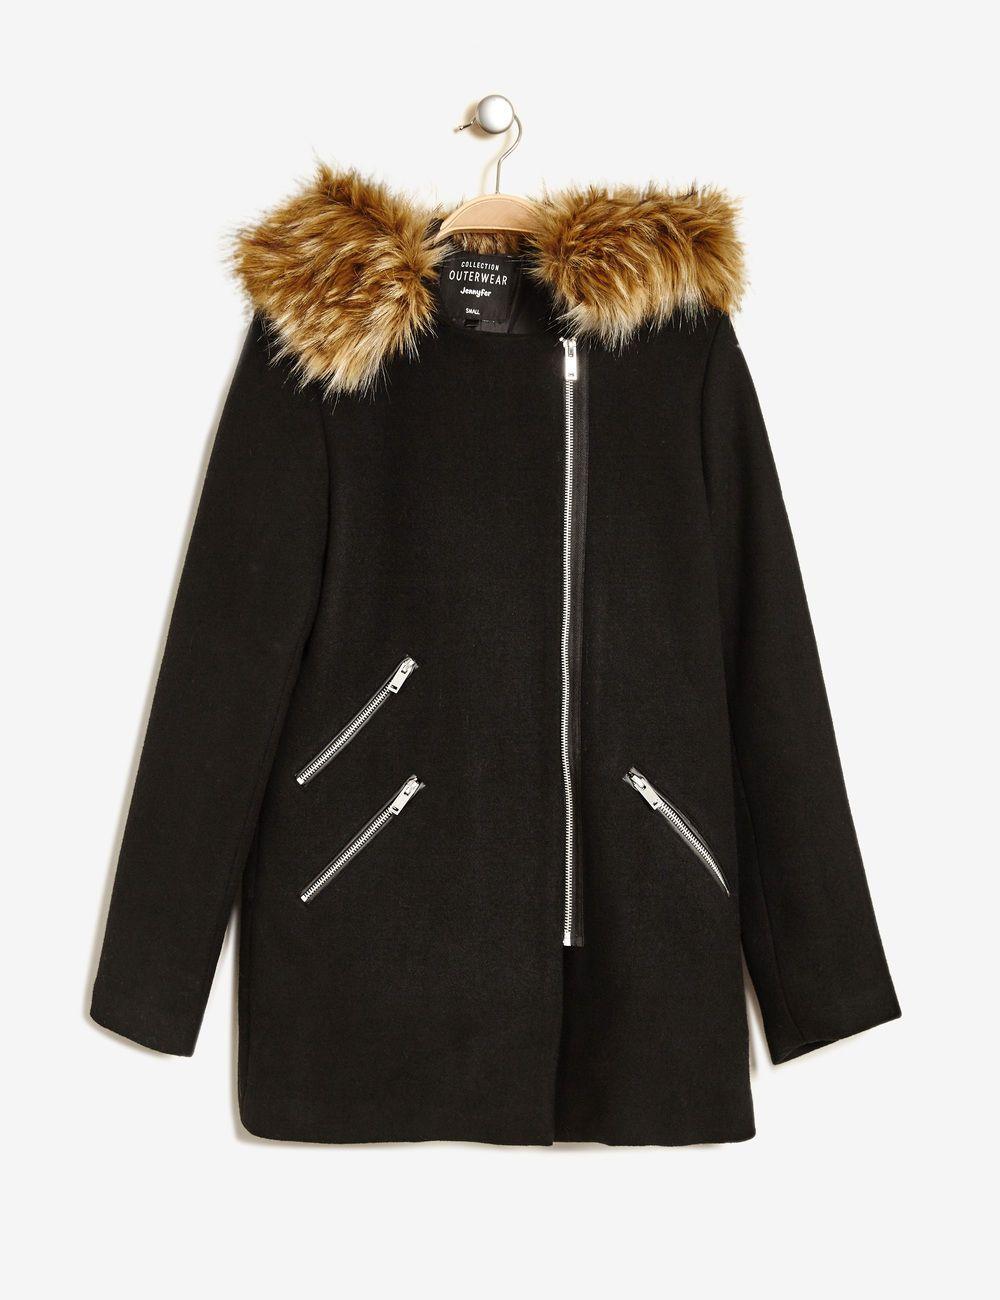 Manteau hiver femme jennyfer